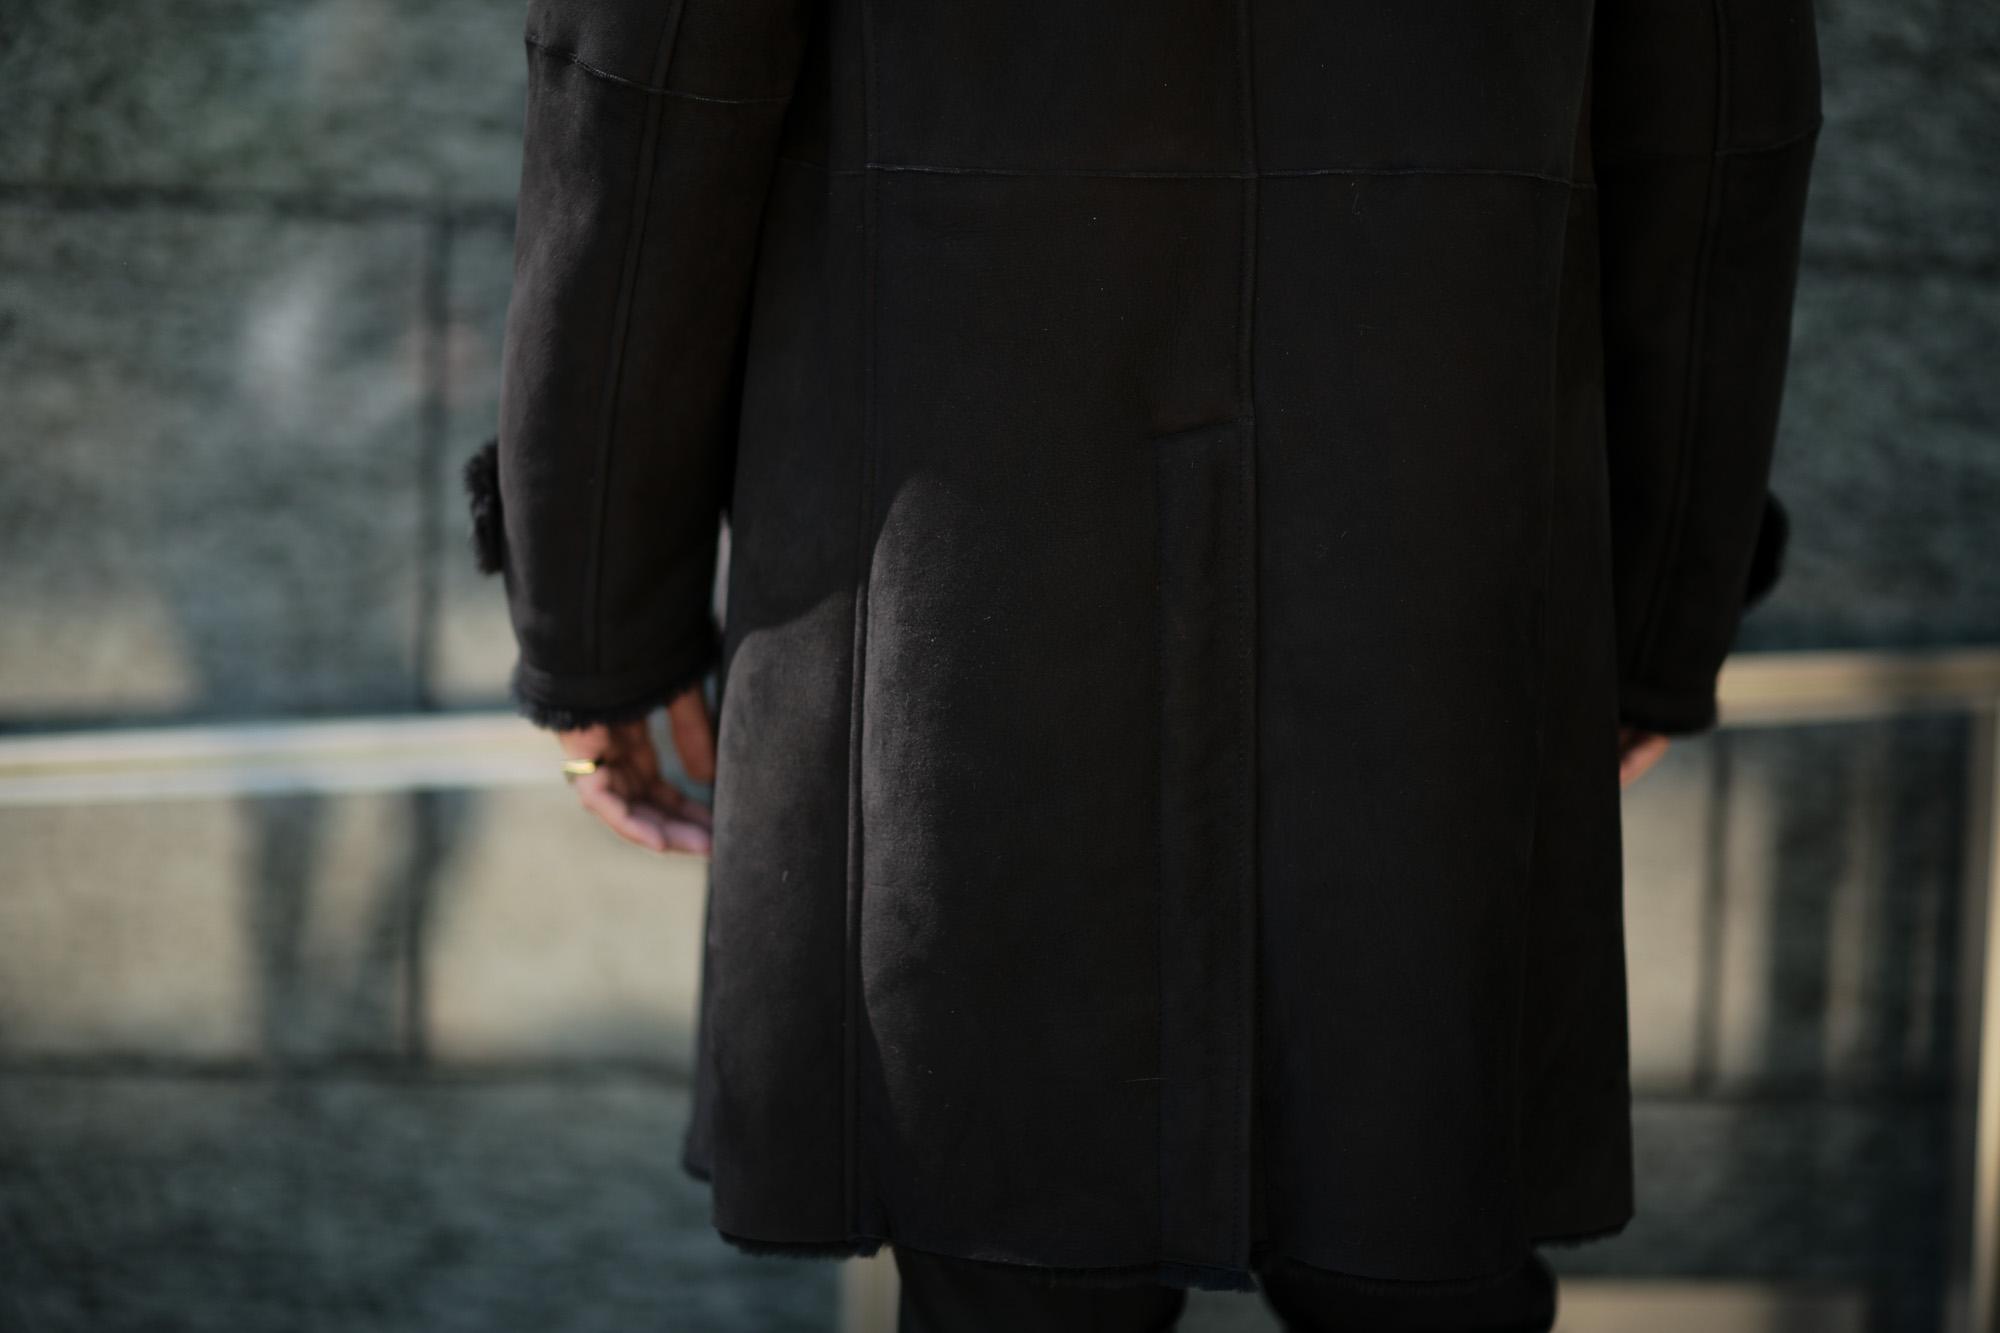 EMMETI (エンメティ) NAT (ナット) Merino Mouton (メリノ ムートン) シングル ムートンコート NERO (ブラック) Made in italy (イタリア製) 2019 秋冬 【ご予約受付中】 愛知 alto e diritto アルトエデリット altoediritto 干場さん 干場着 ユーリ